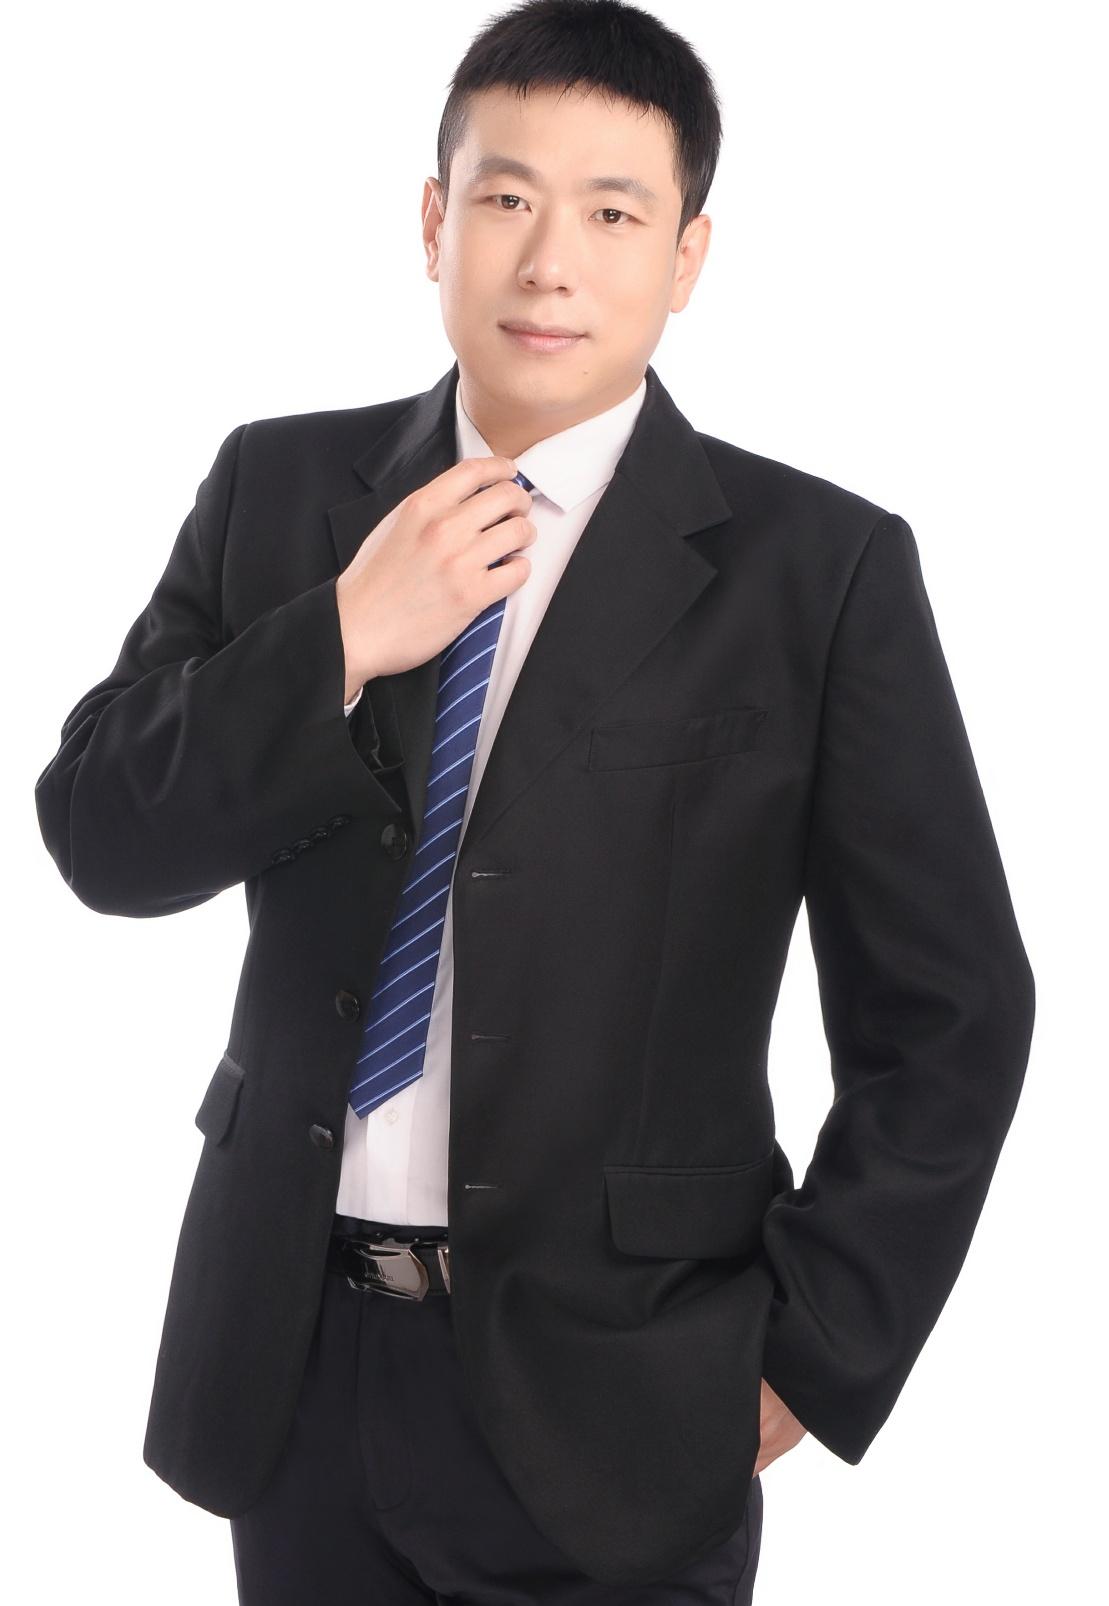 黑龙江哈尔滨华夏人寿保险代理人石夫君